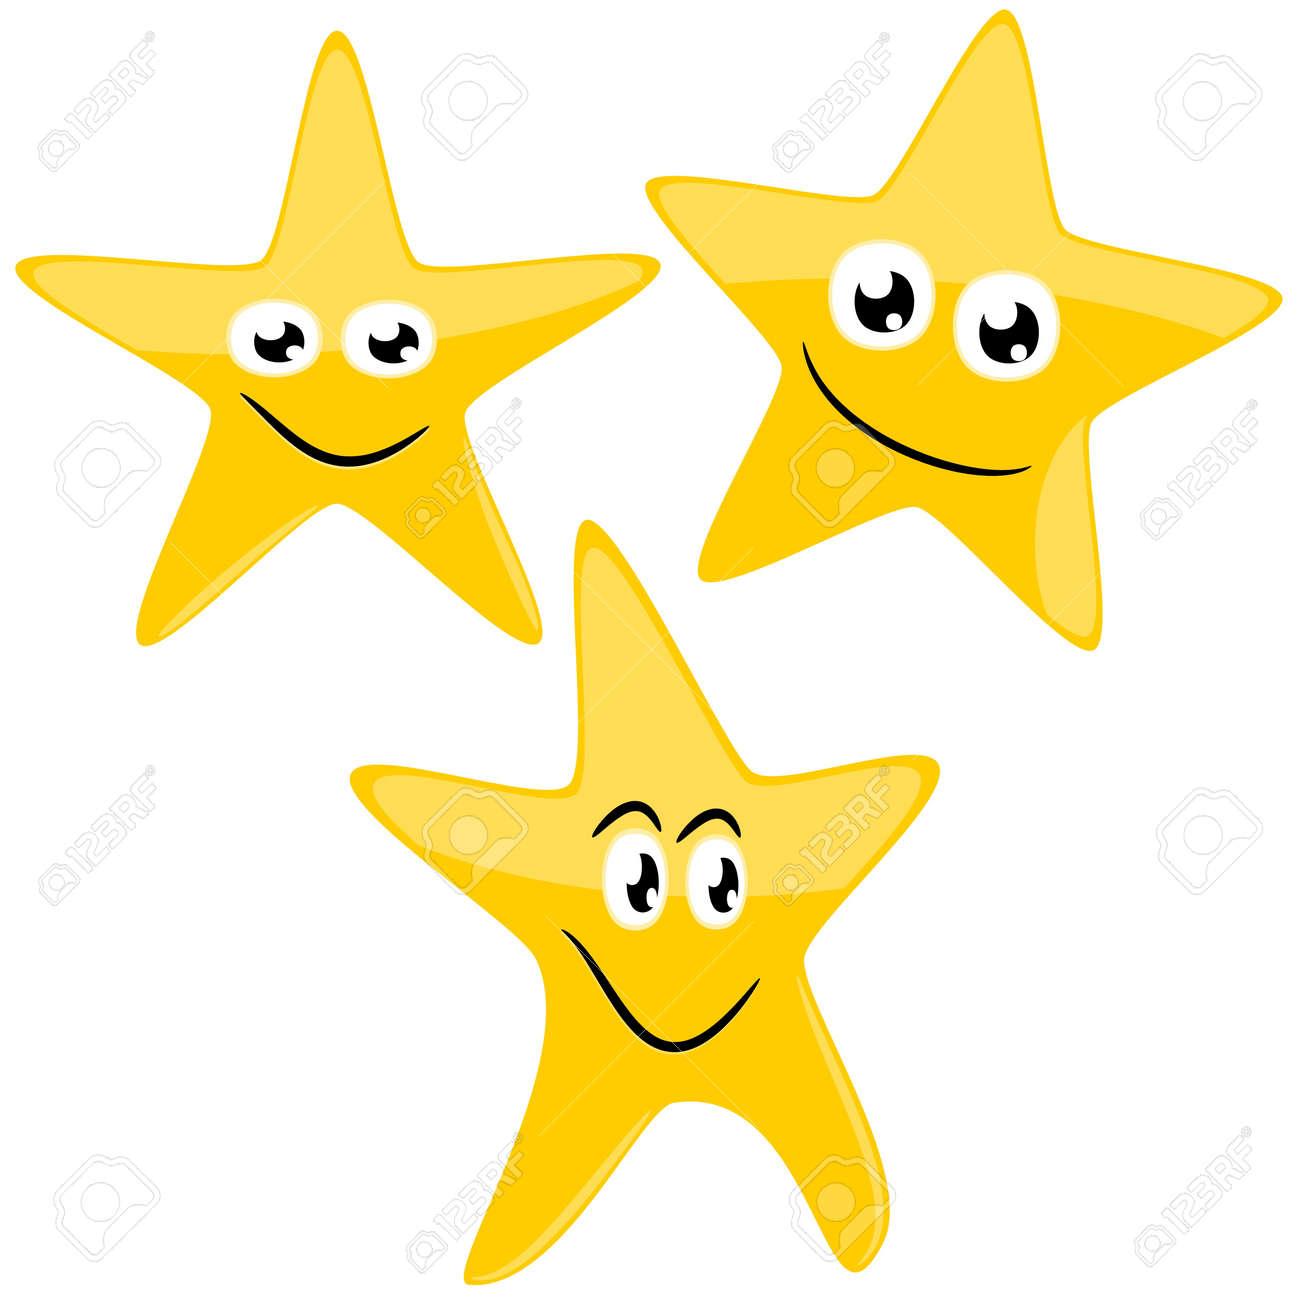 Estrellas Divertidos Ilustración De Dibujos Animados